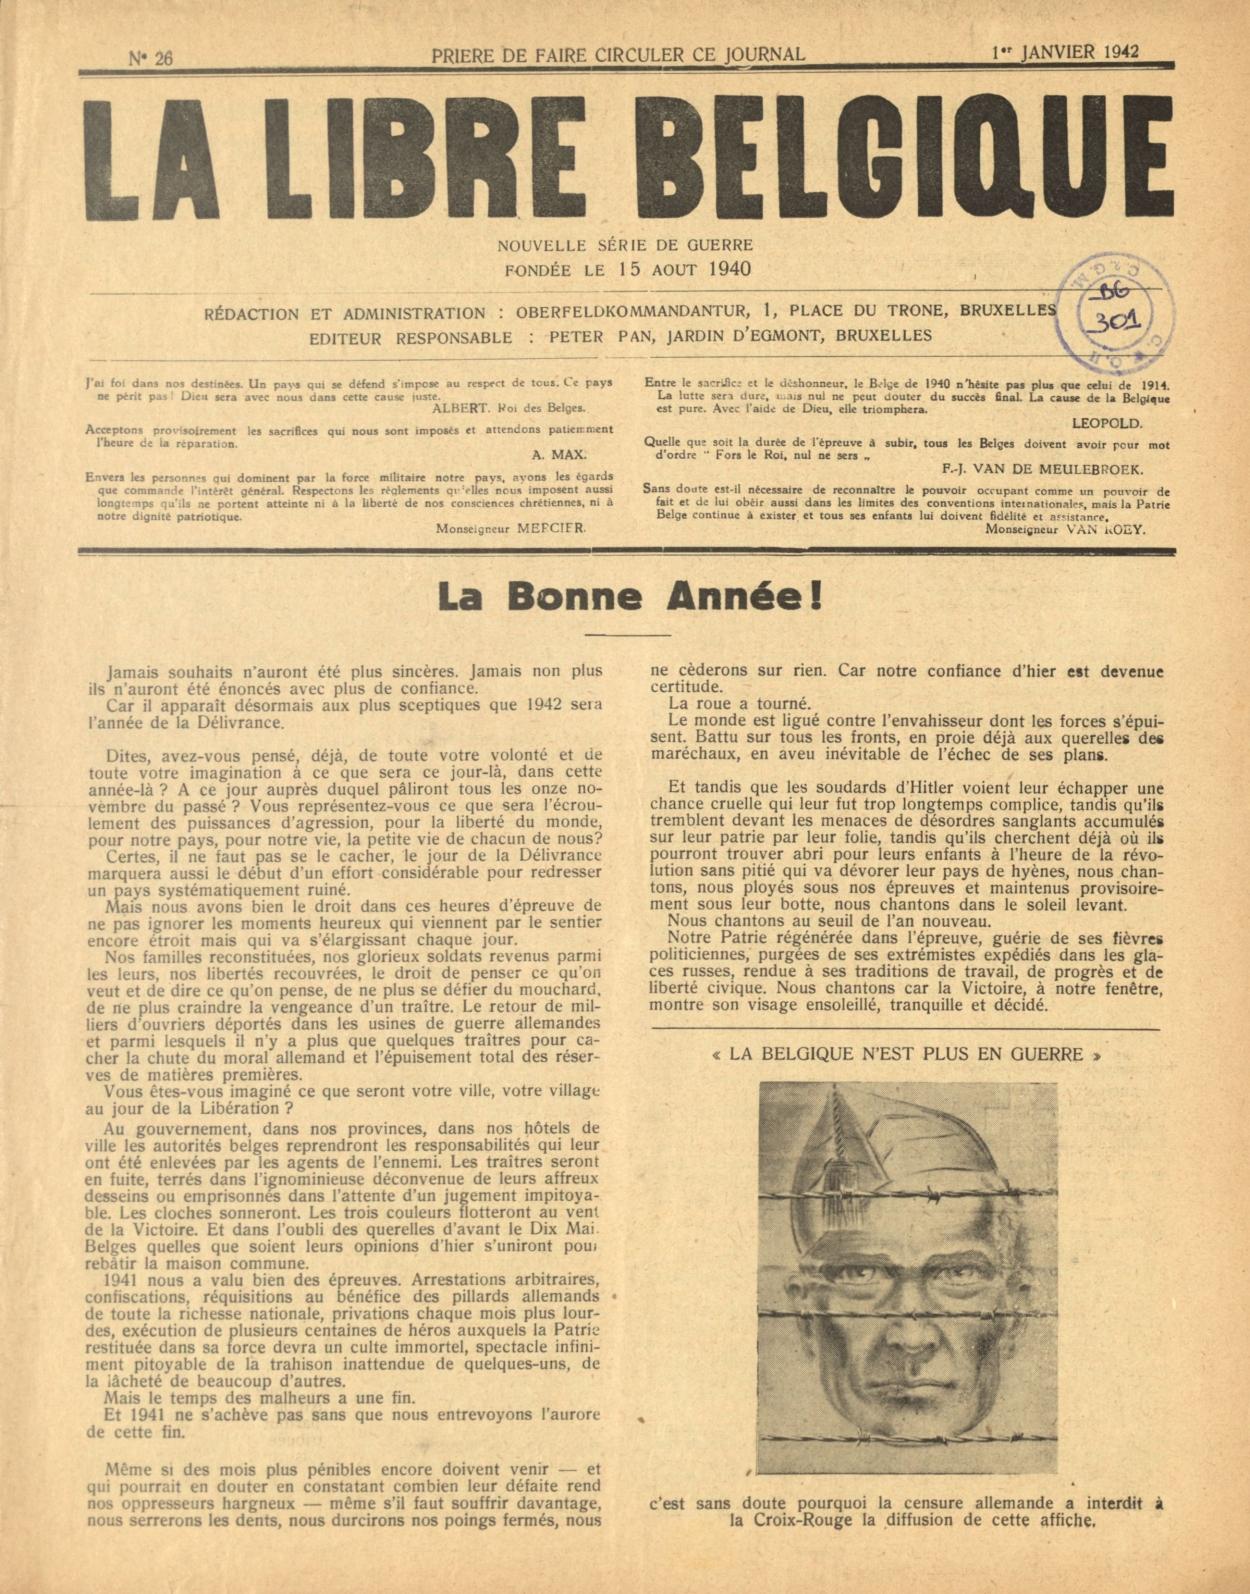 la-libre-belgique-1-1-1942.jpg